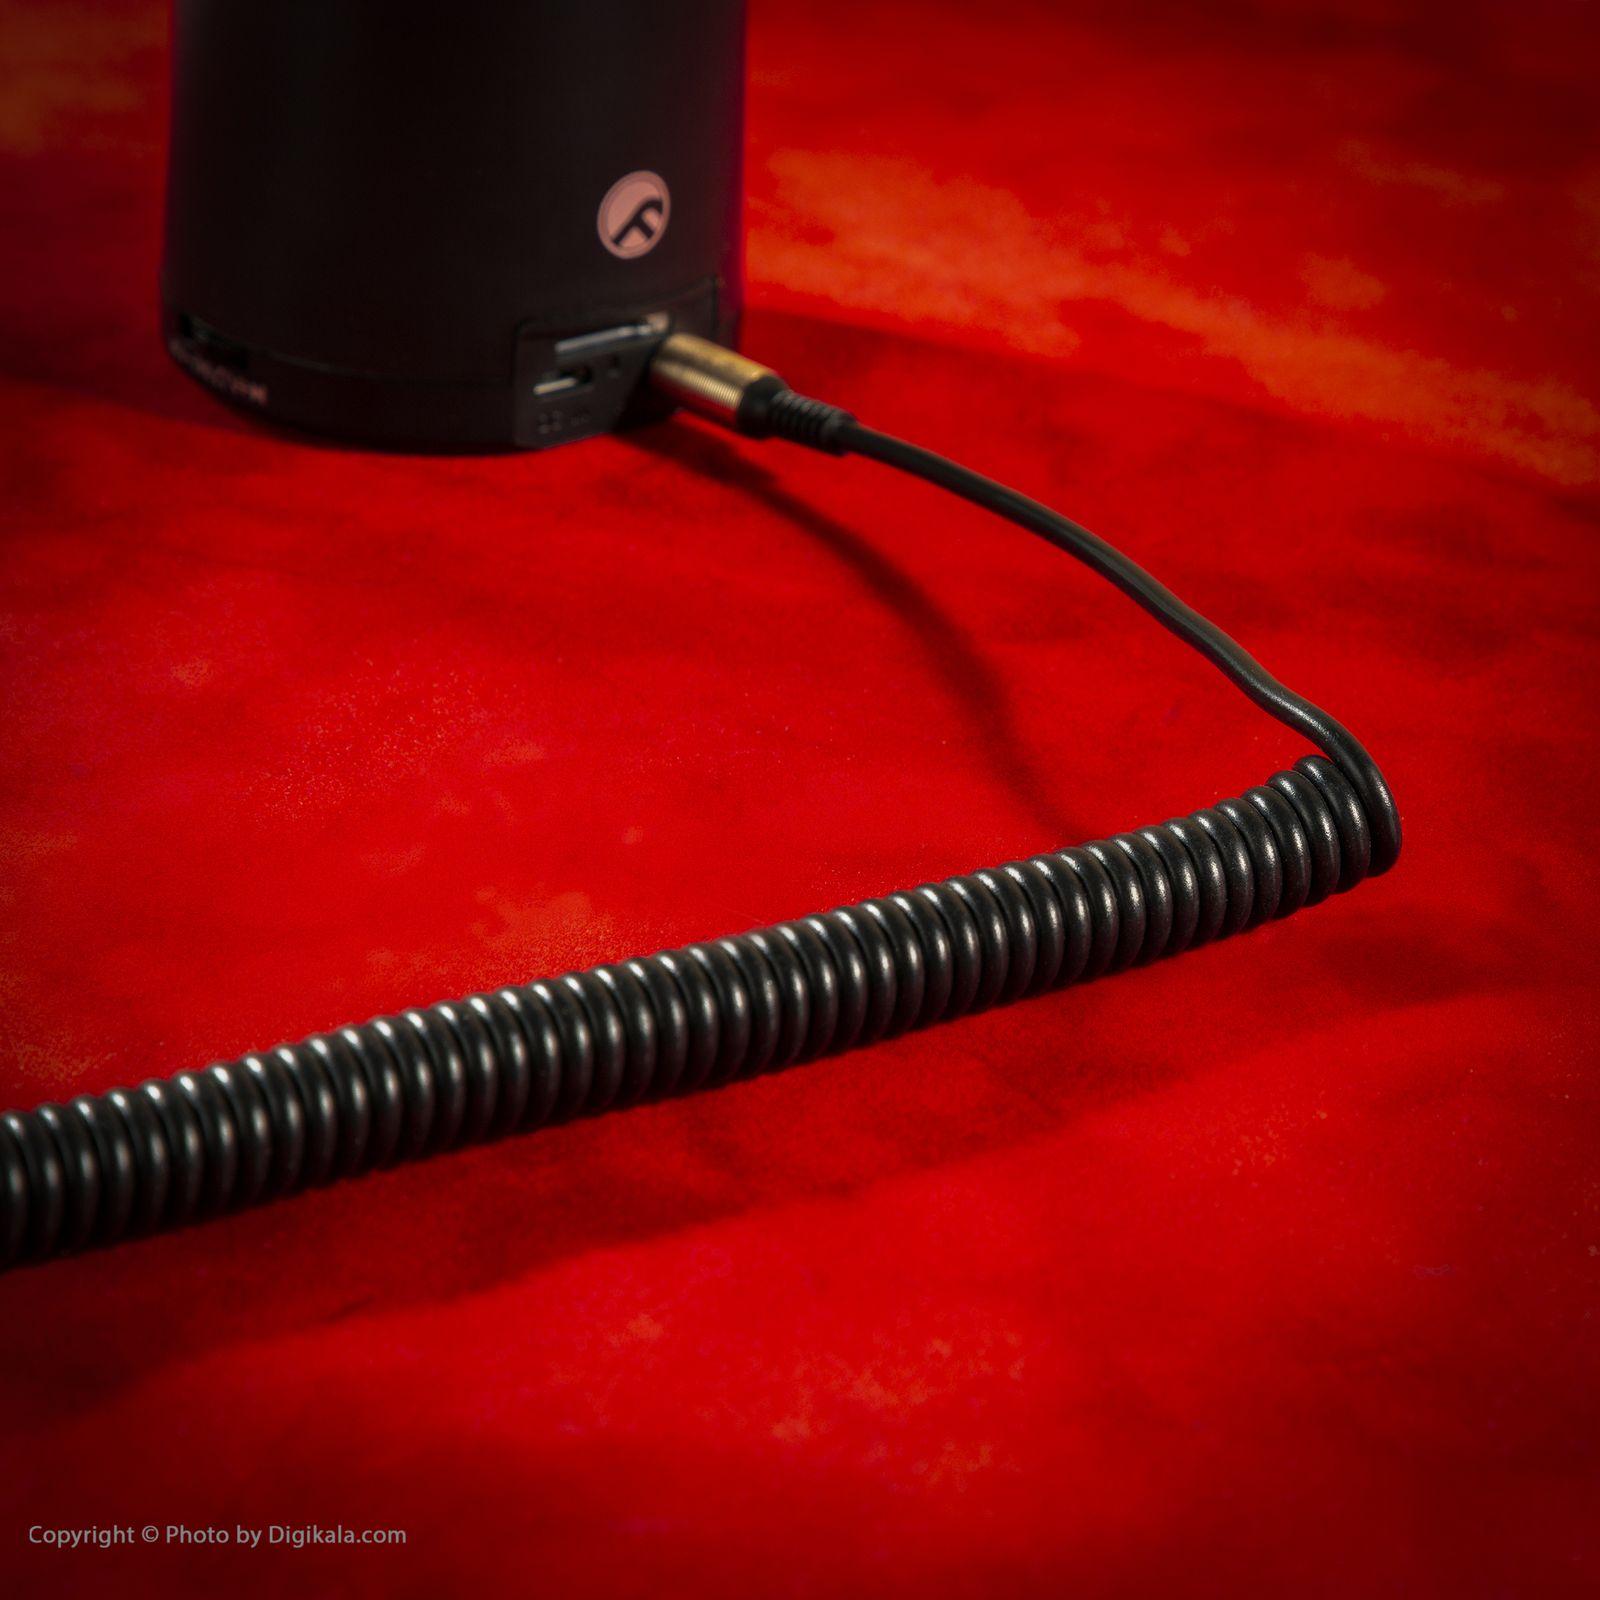 کابل AUX سومگ مدل SMG-AX طول 1.5 متر main 1 29